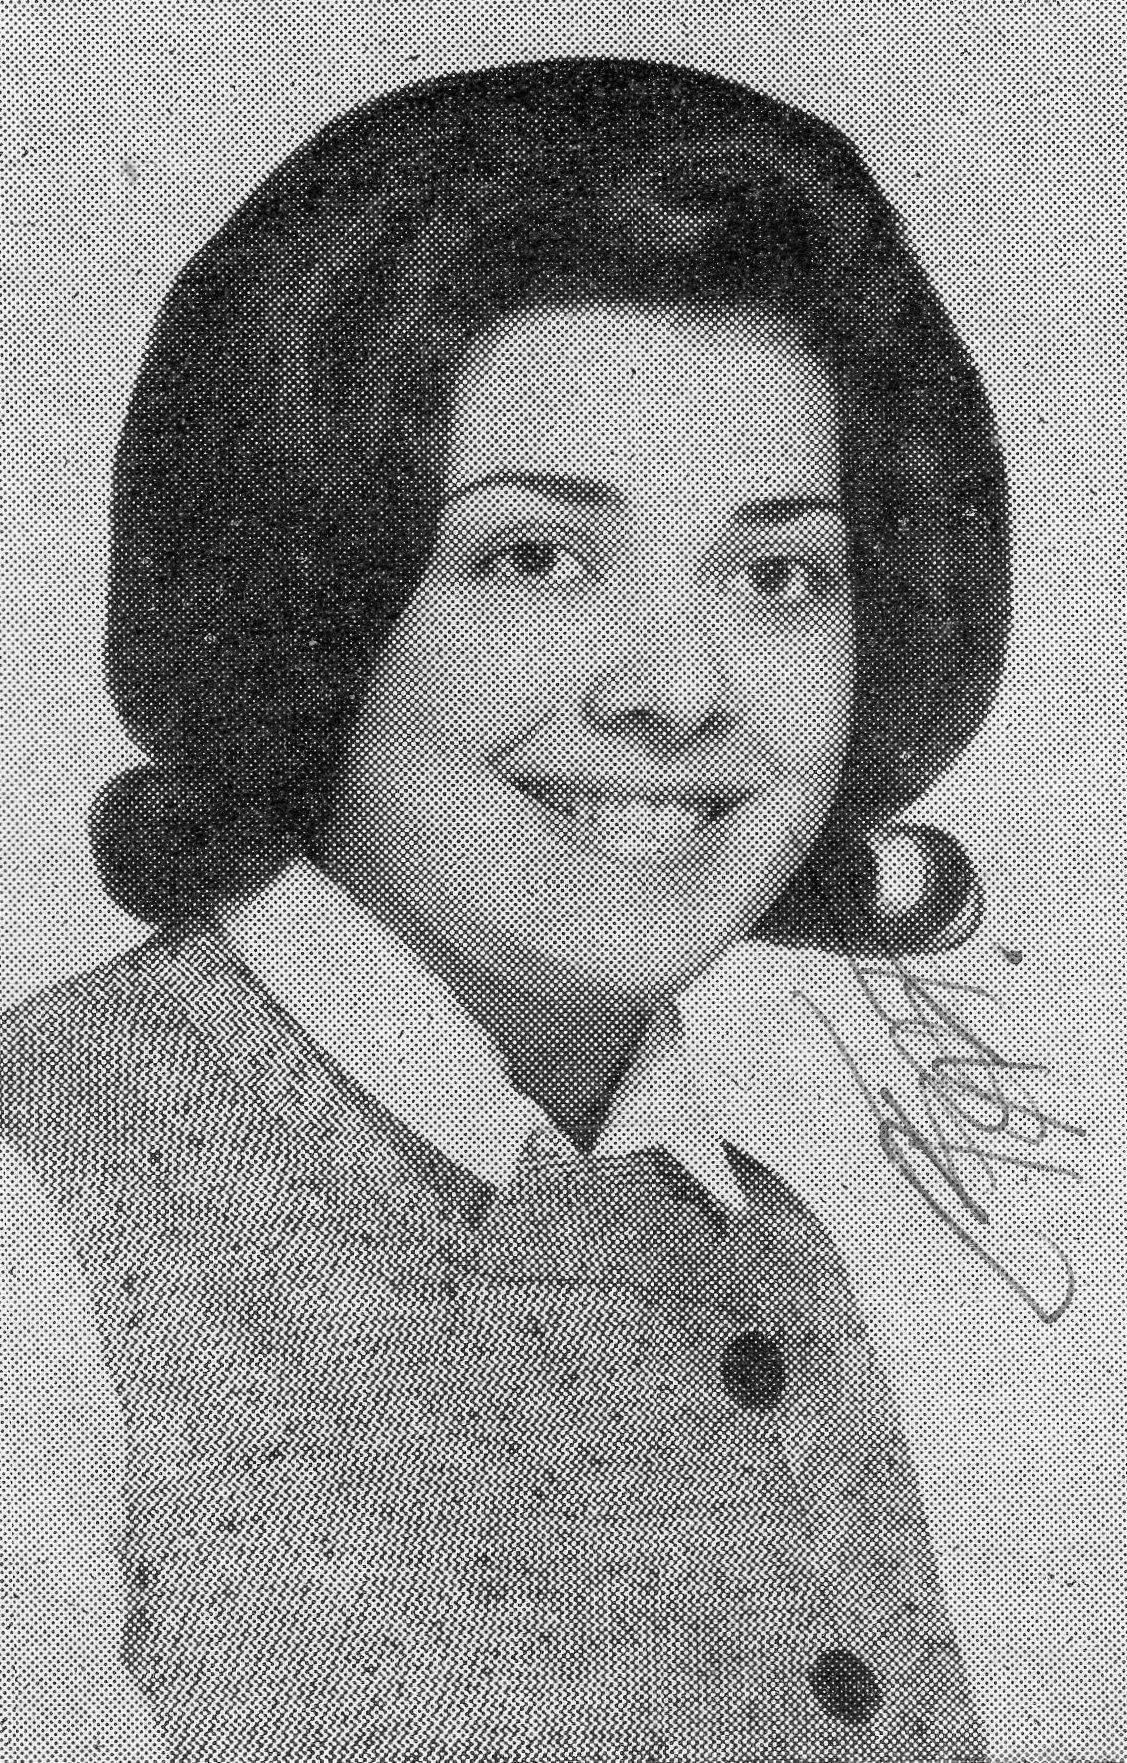 Paula Capozzi, acrobatics